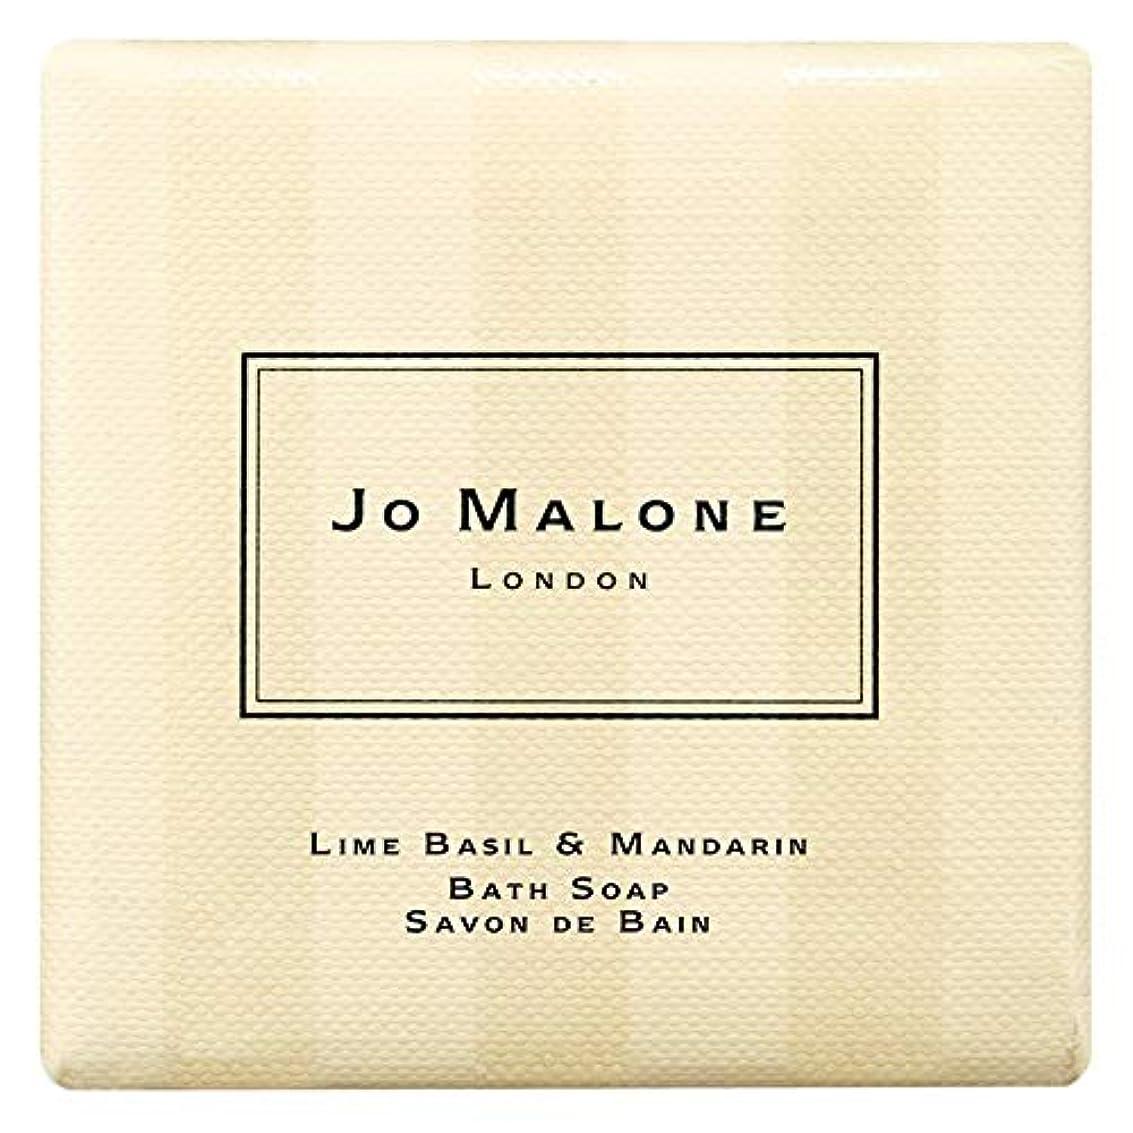 安定しました役職テロ[Jo Malone] ジョーマローンロンドンライムバジル&マンダリンお風呂の石鹸100グラム - Jo Malone London Lime Basil & Mandarin Bath Soap 100g [並行輸入品]